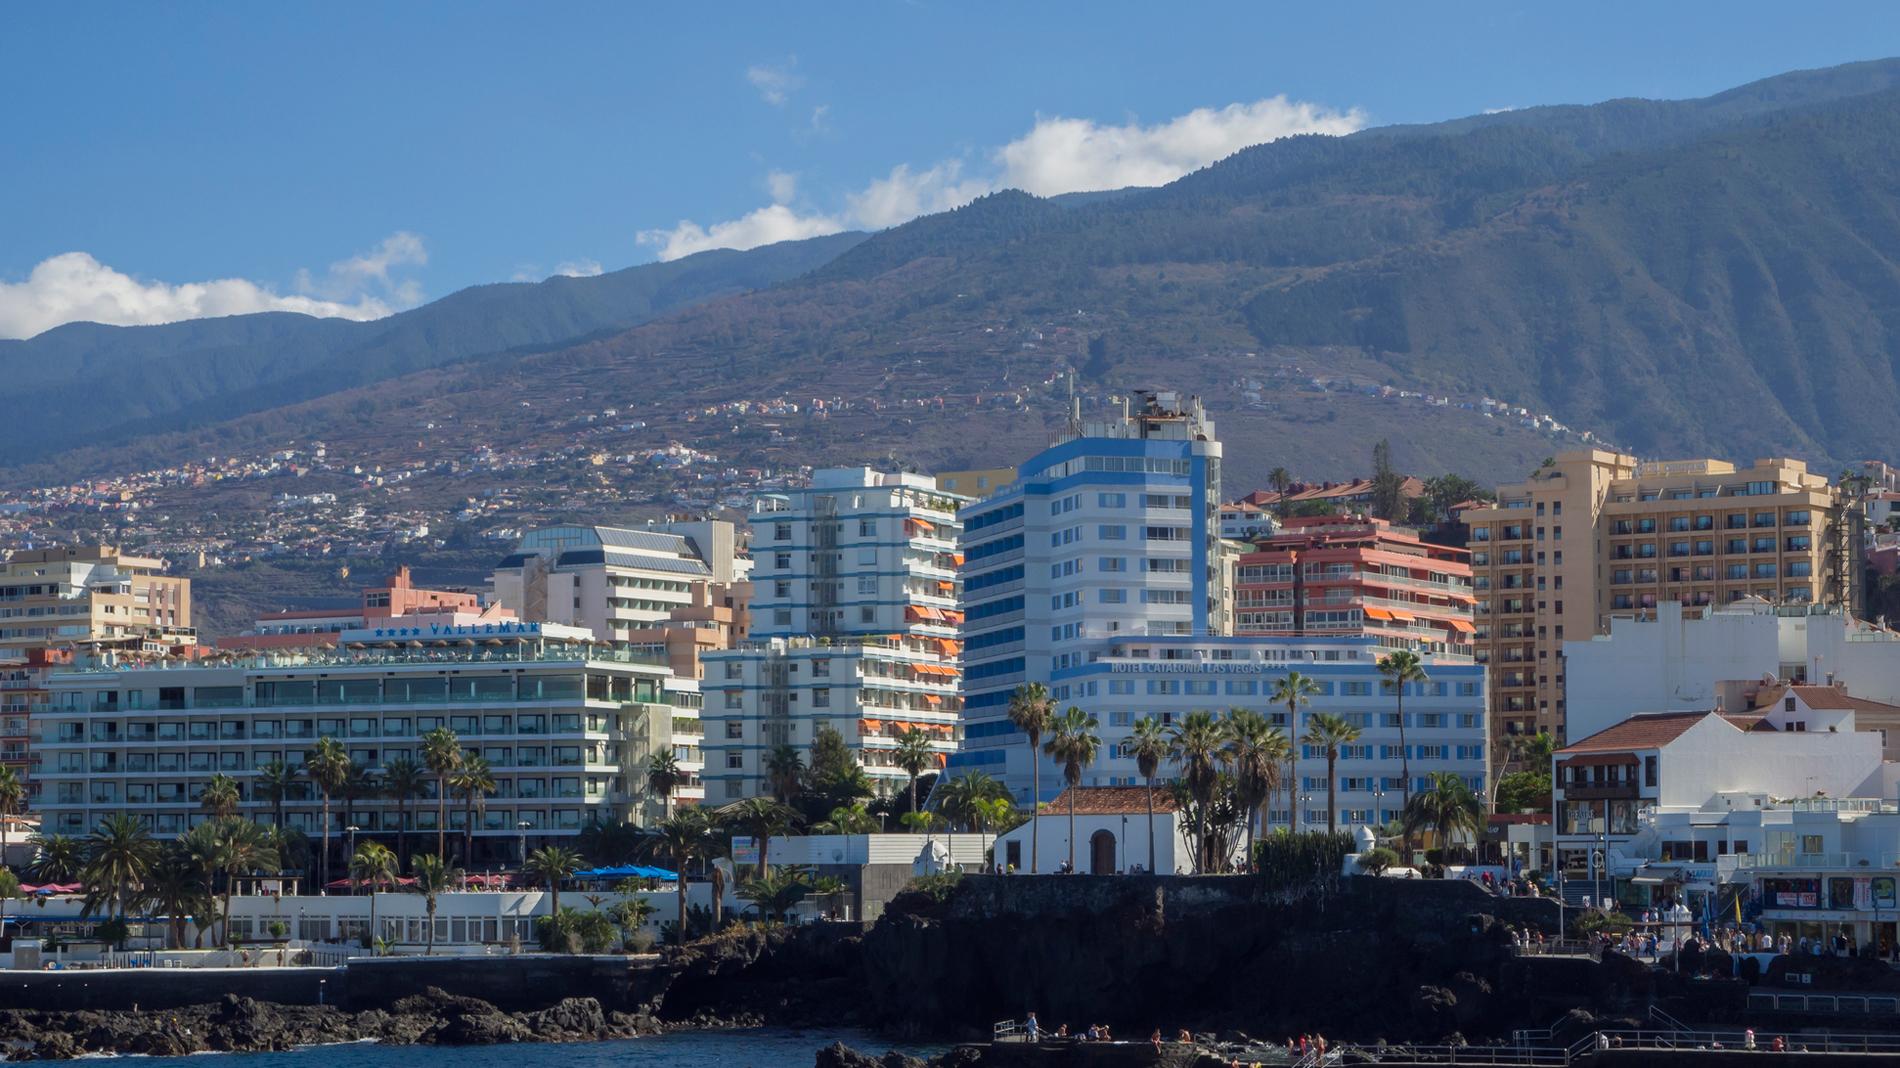 Una joven de 19 años denuncia una agresión sexual múltiple en Tenerife